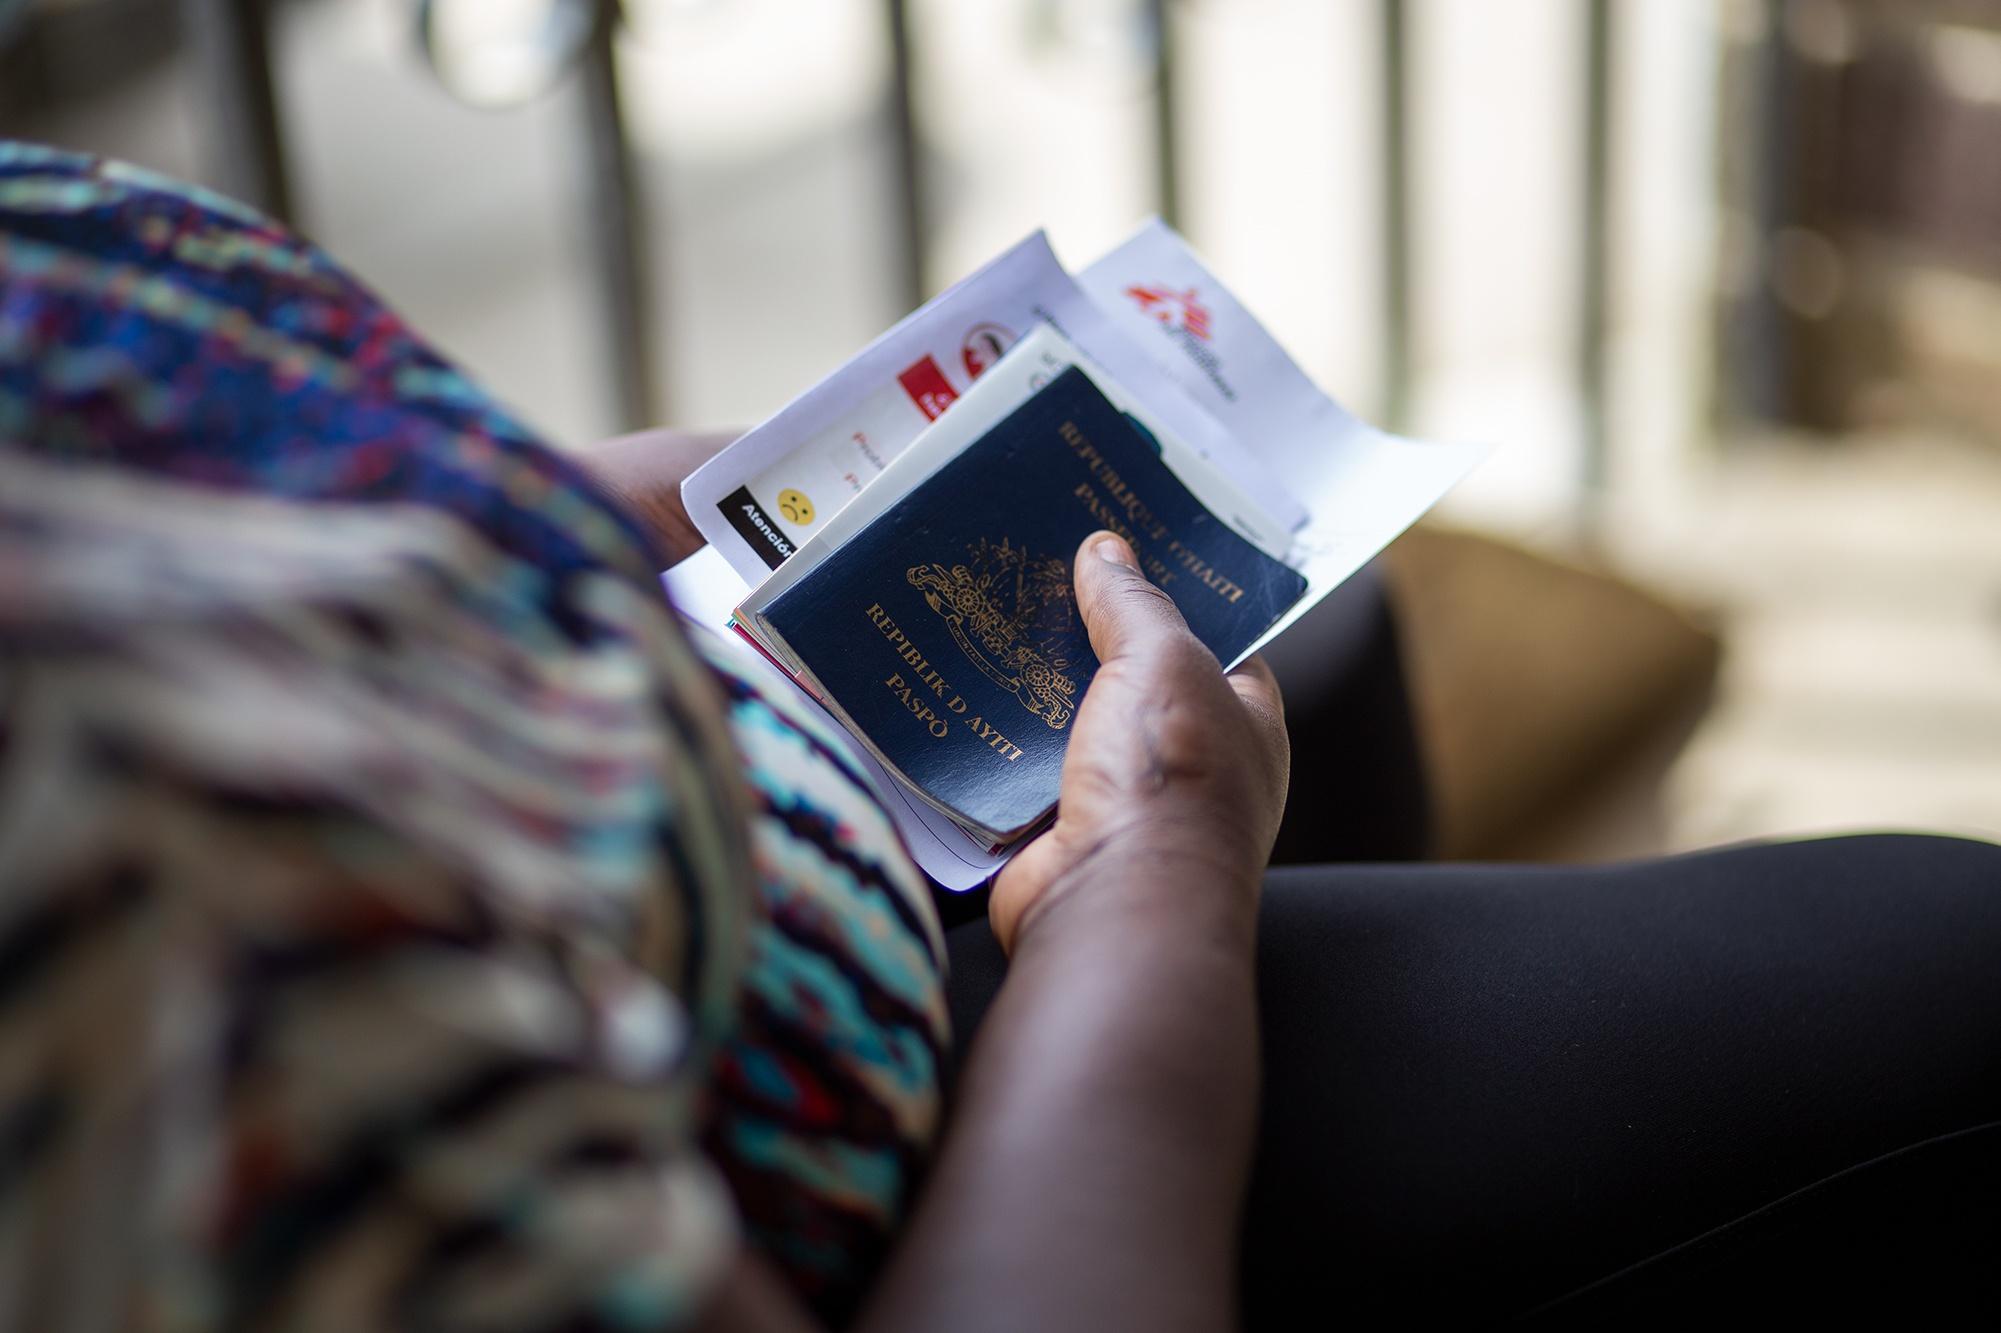 Una migrante haitiana sostiene en sus manos su pasaporte luego de ser atendida por Médicos Sin Fronteras, la única organización que garantiza atención médica y psicológica a las personas migrantes en el municipio de Trójes. 21 de abril de 2021. Foto: Martín Cálix.